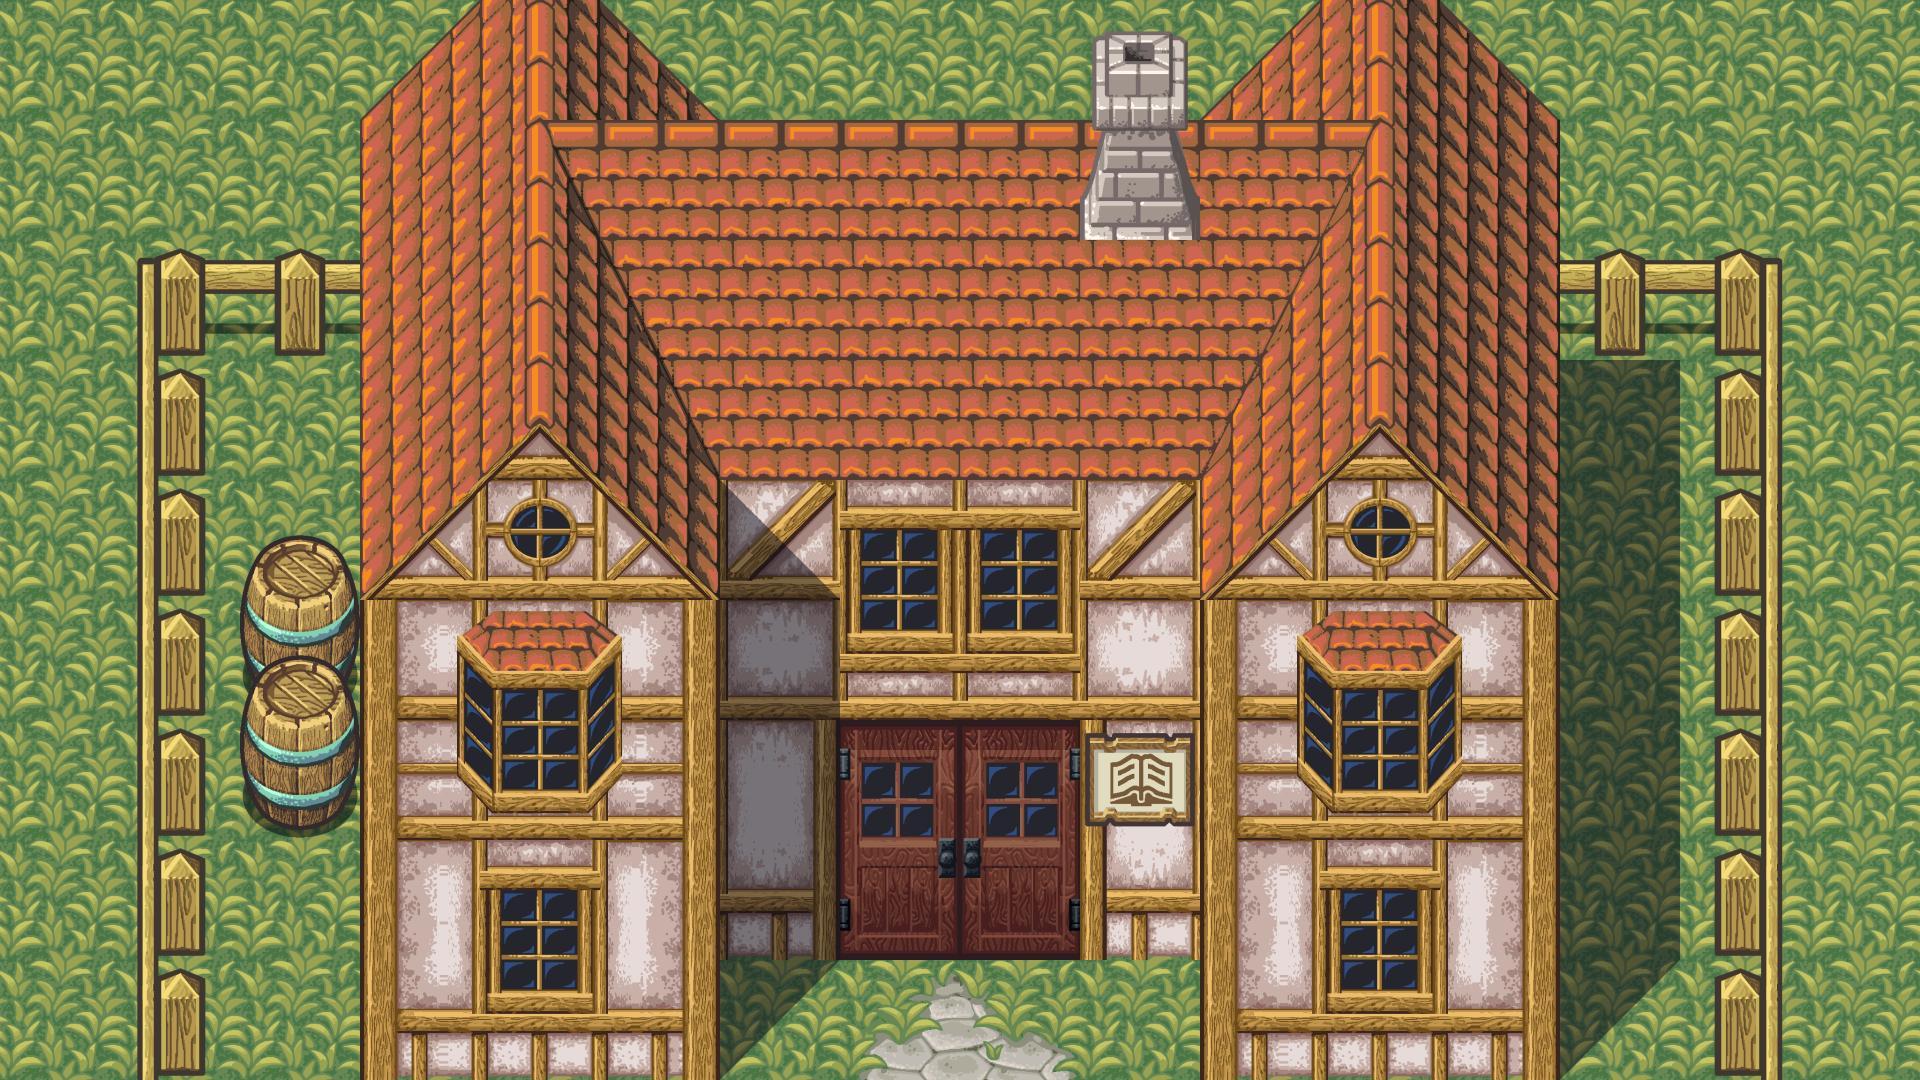 RPG Worldmaker Environment Art Pack